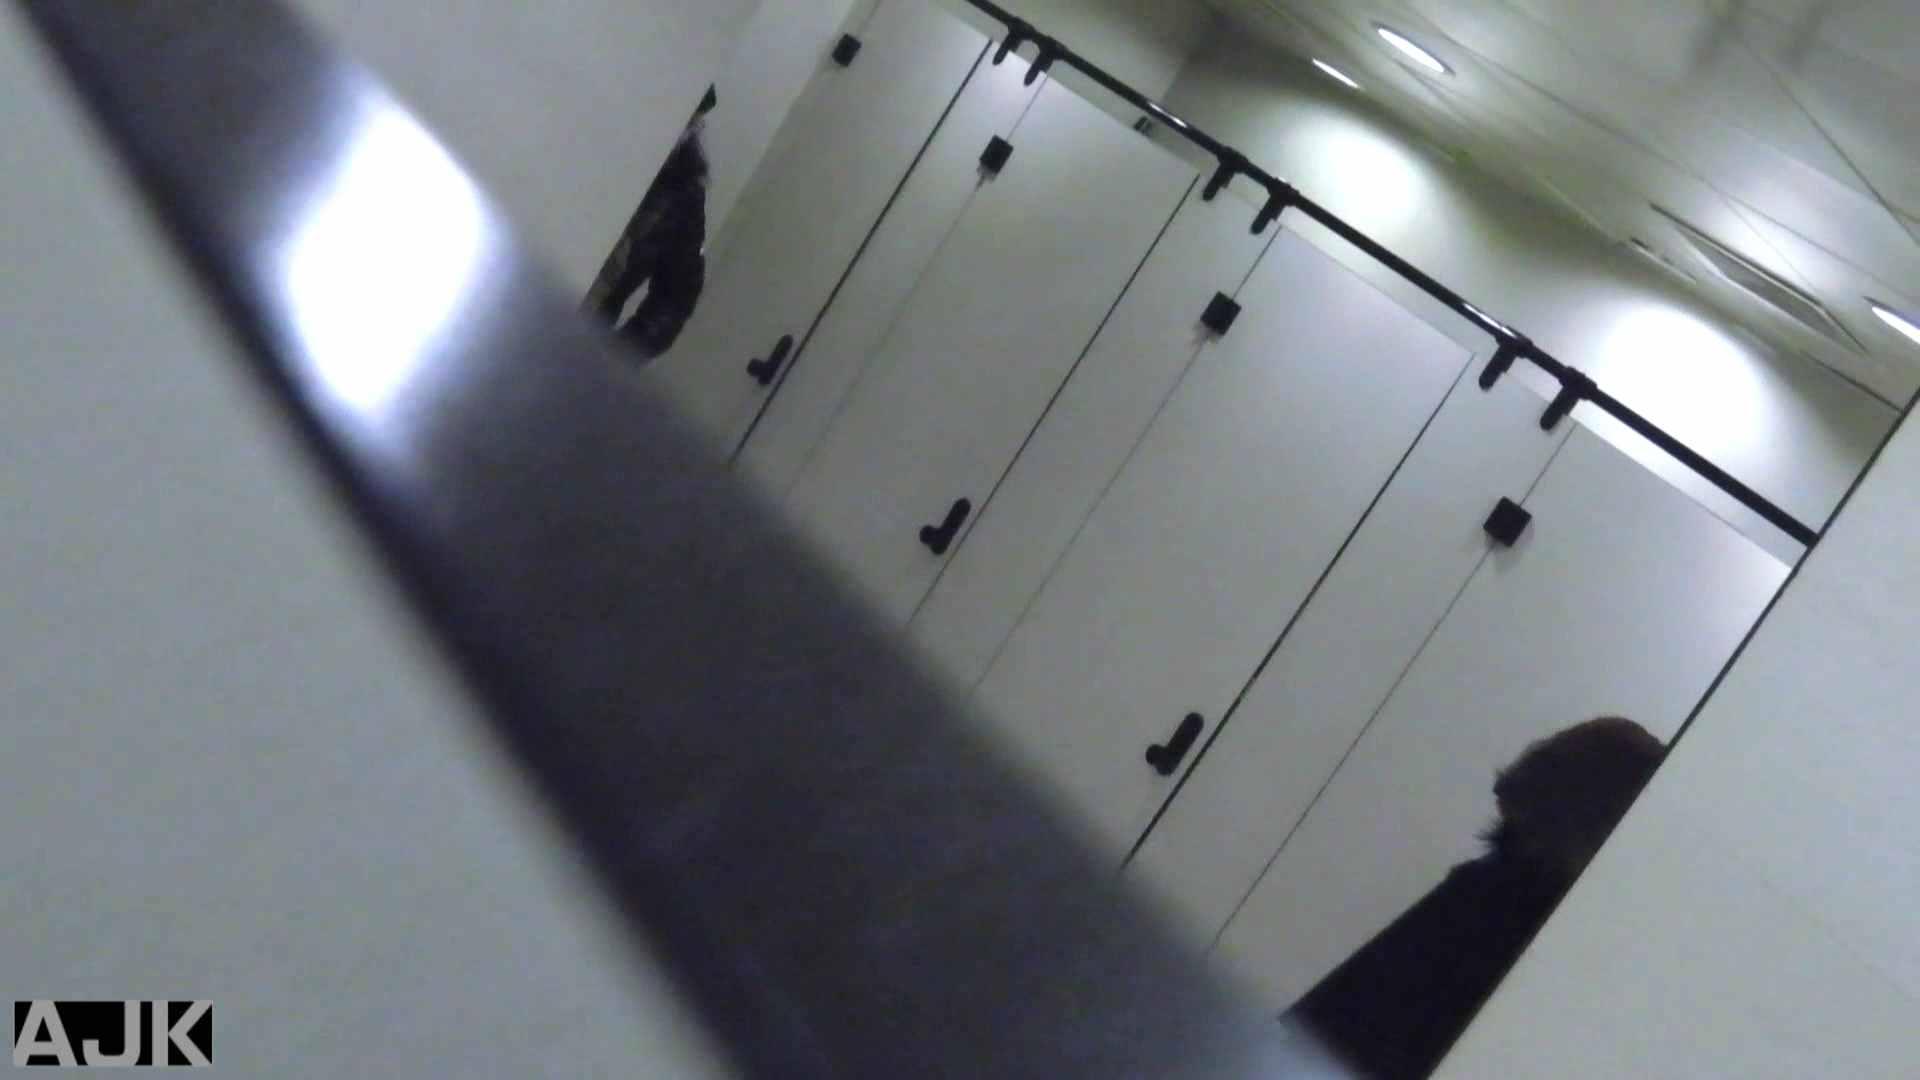 隣国上階級エリアの令嬢たちが集うデパートお手洗い Vol.29 お手洗いで・・・ のぞき 90画像 66